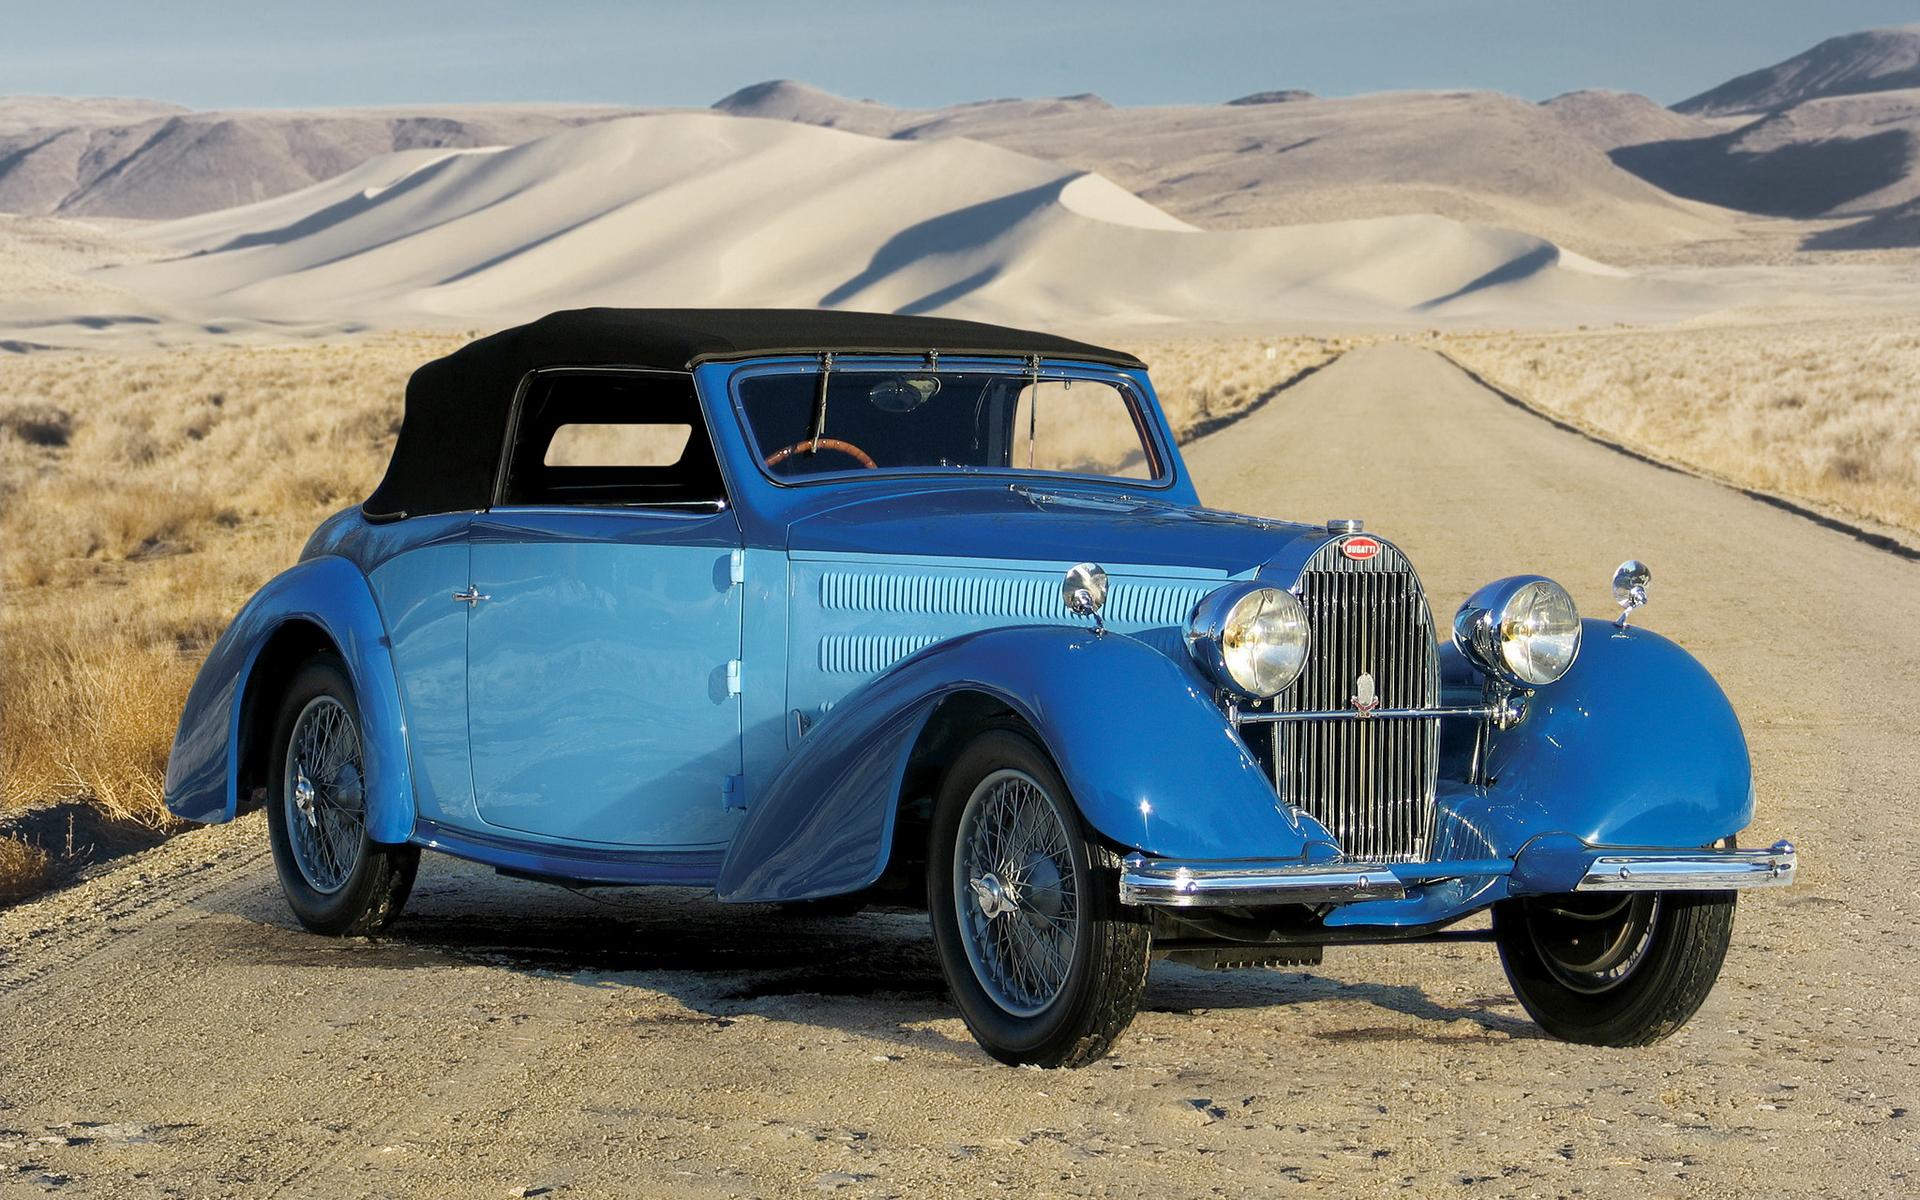 Classic Bugatti Wallpapers